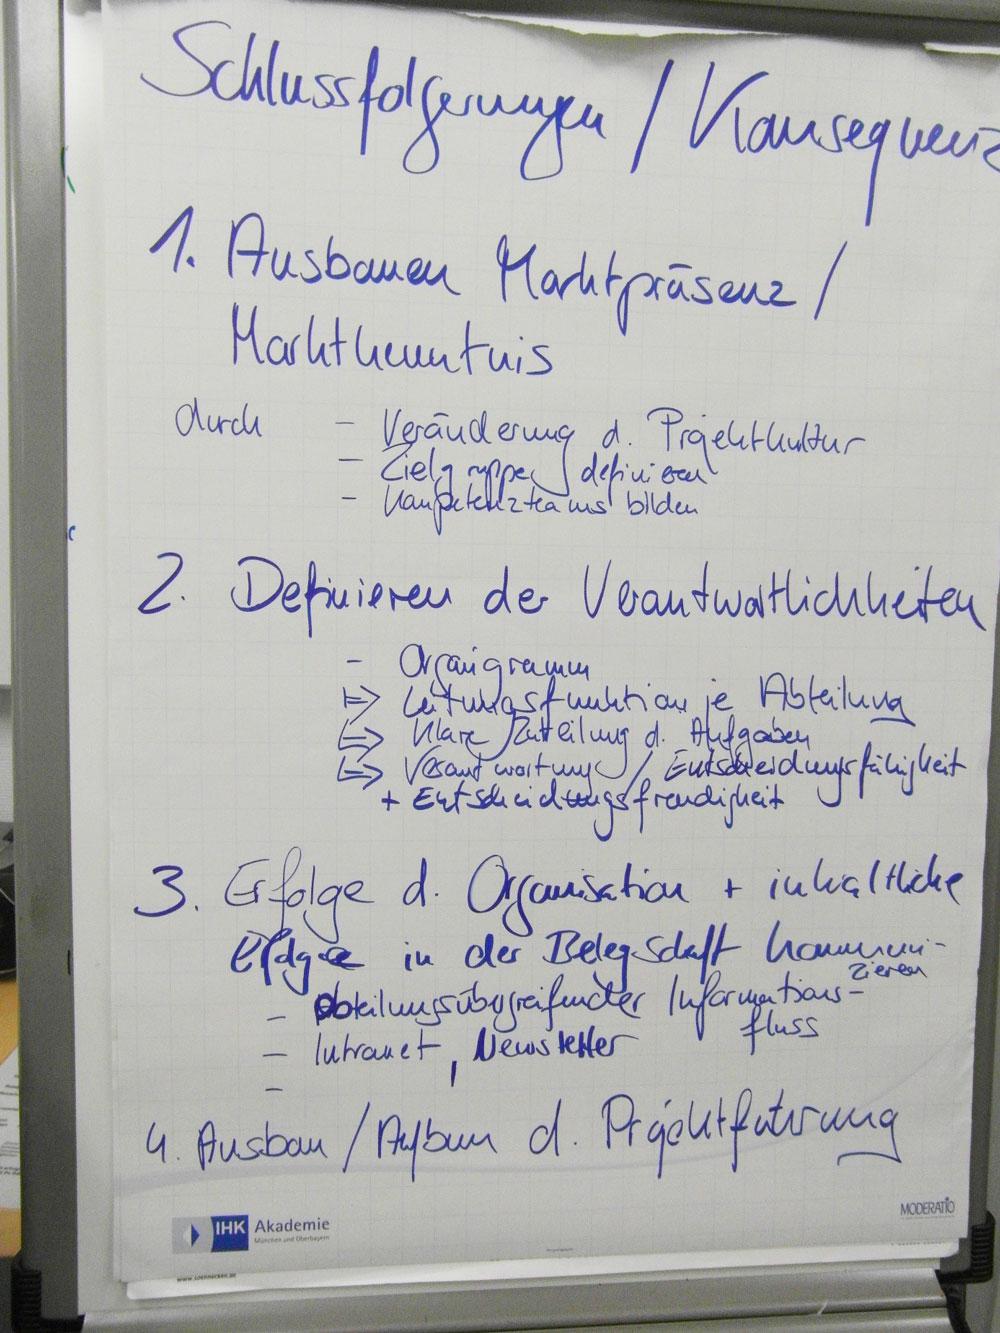 Workshop: Pinwand mit Schlussfolgerungen und Konsequenzen